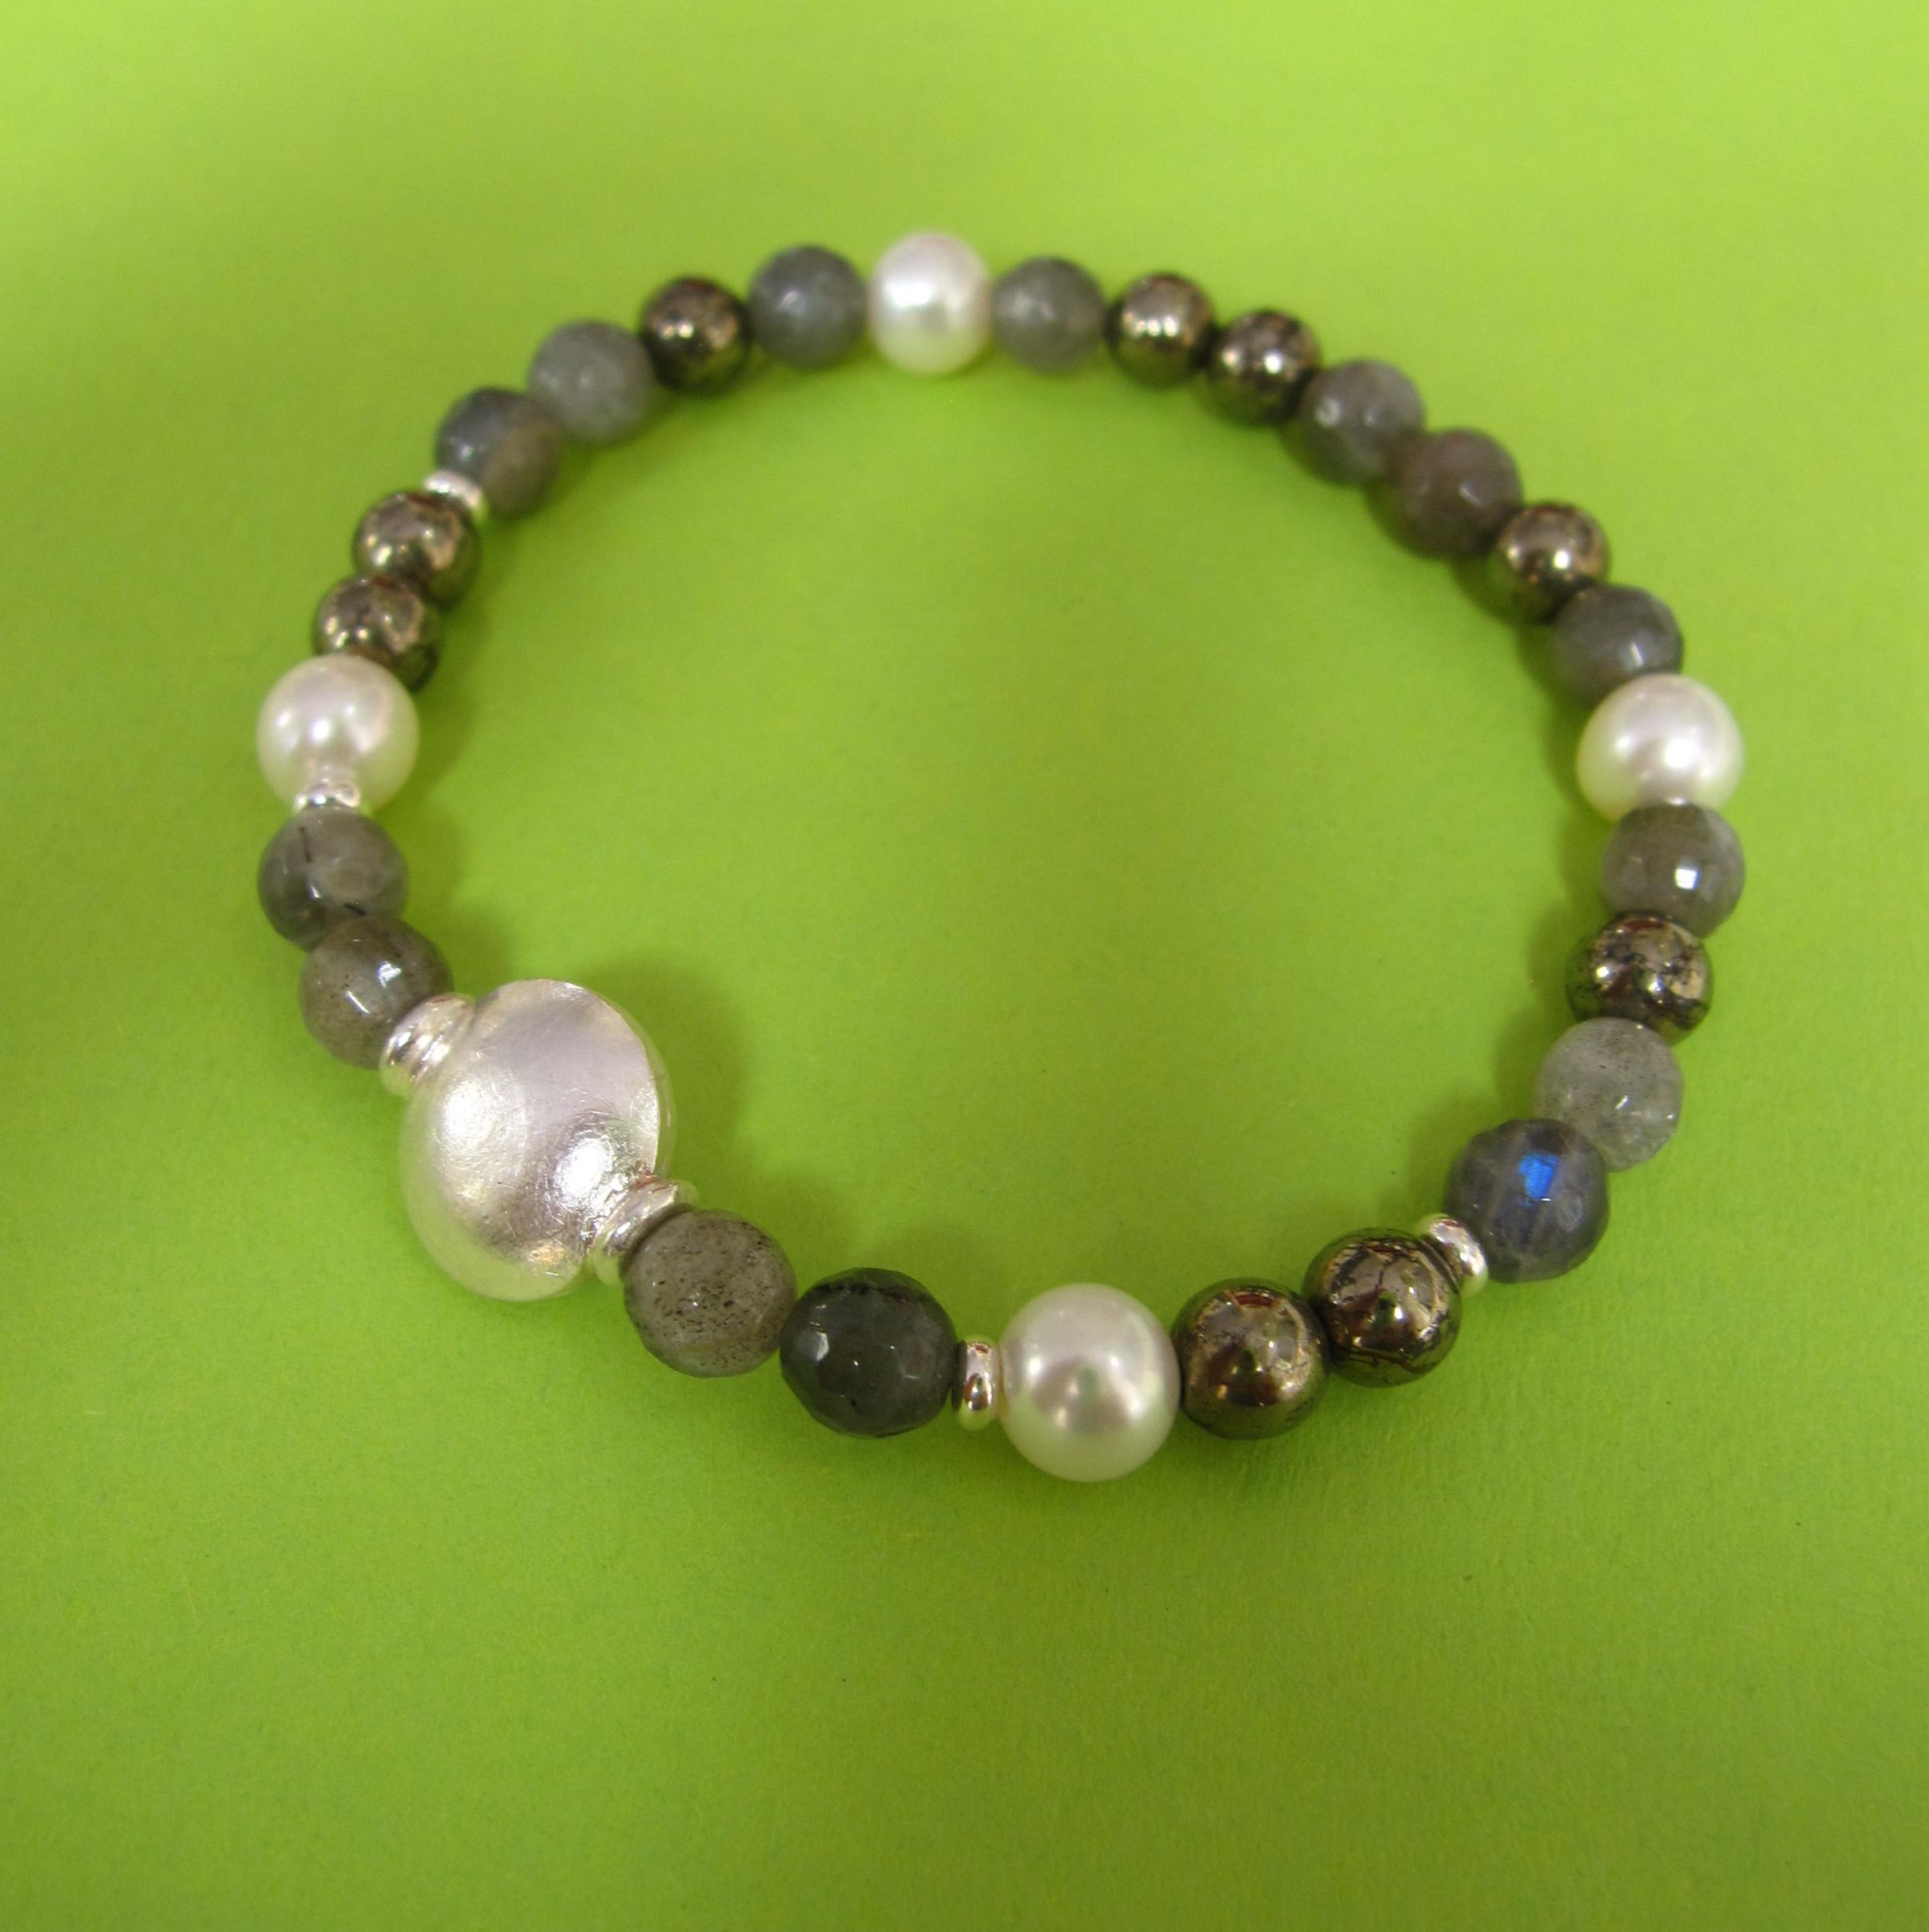 Labradorit Armband, Perlen und Silber-Ornament – Schmuckatelier ... 4ed9ad4b62